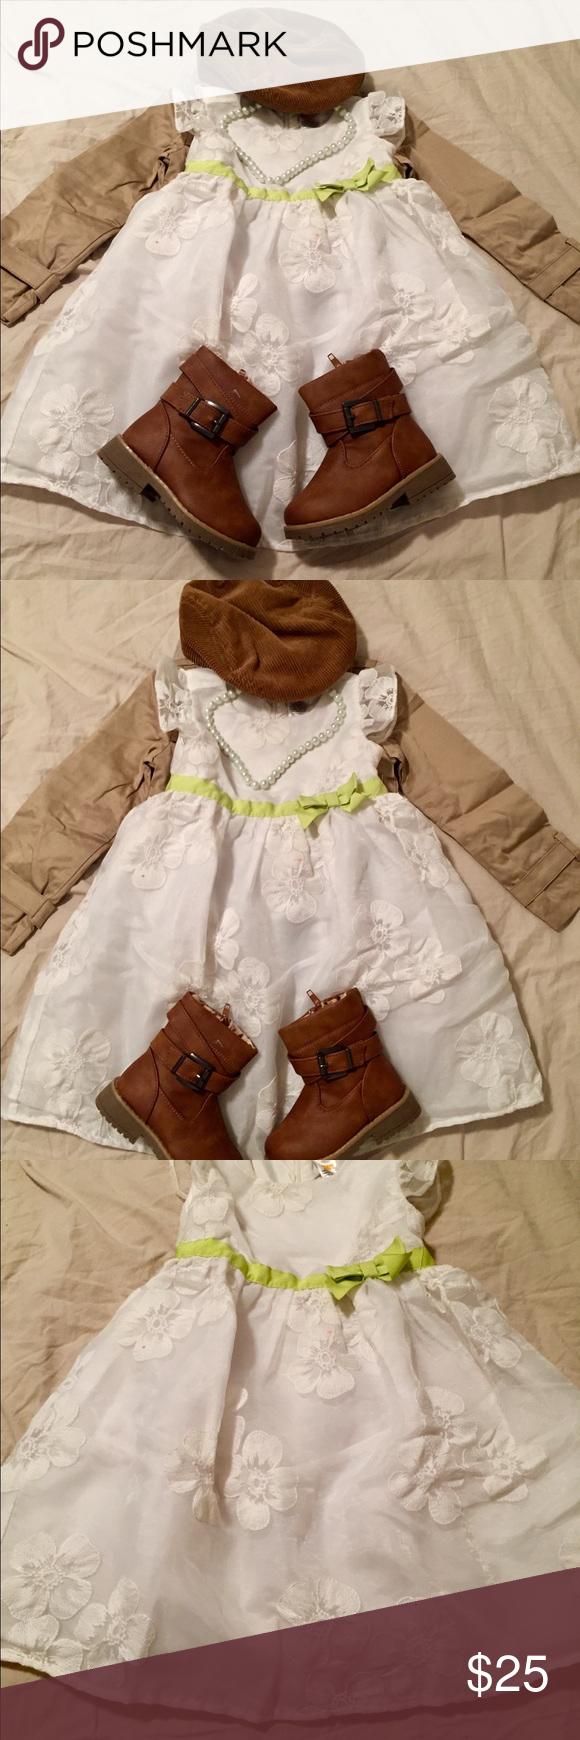 3t Girl Gymboree Formal White Lace Dress W Green Lace White Dress Little Dresses Lace Dress [ 1740 x 580 Pixel ]